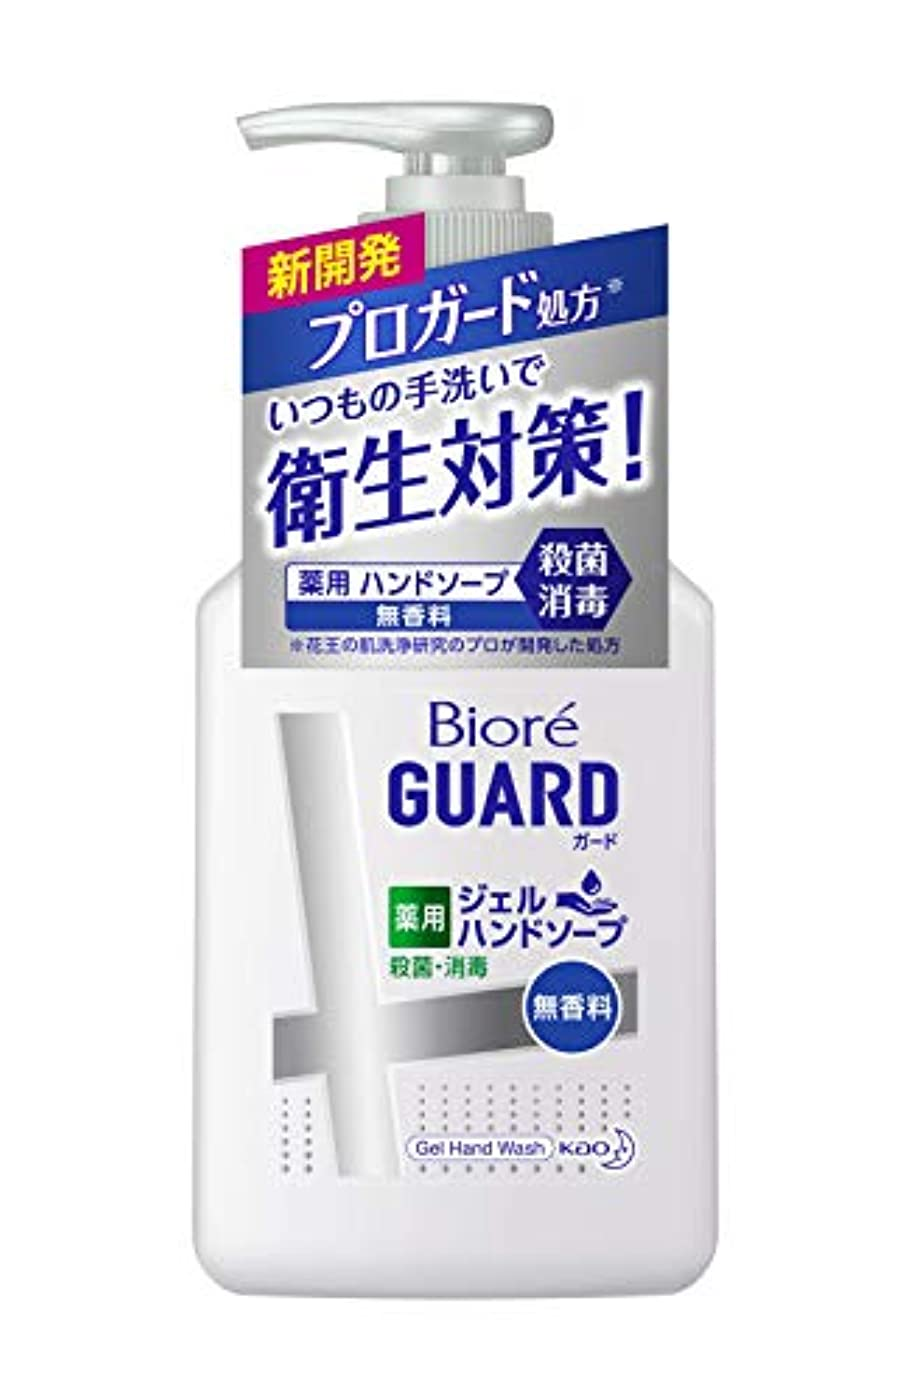 評価する命題行くビオレ GUARD ハンドジェルソープ ポンプ 無香料 250ml